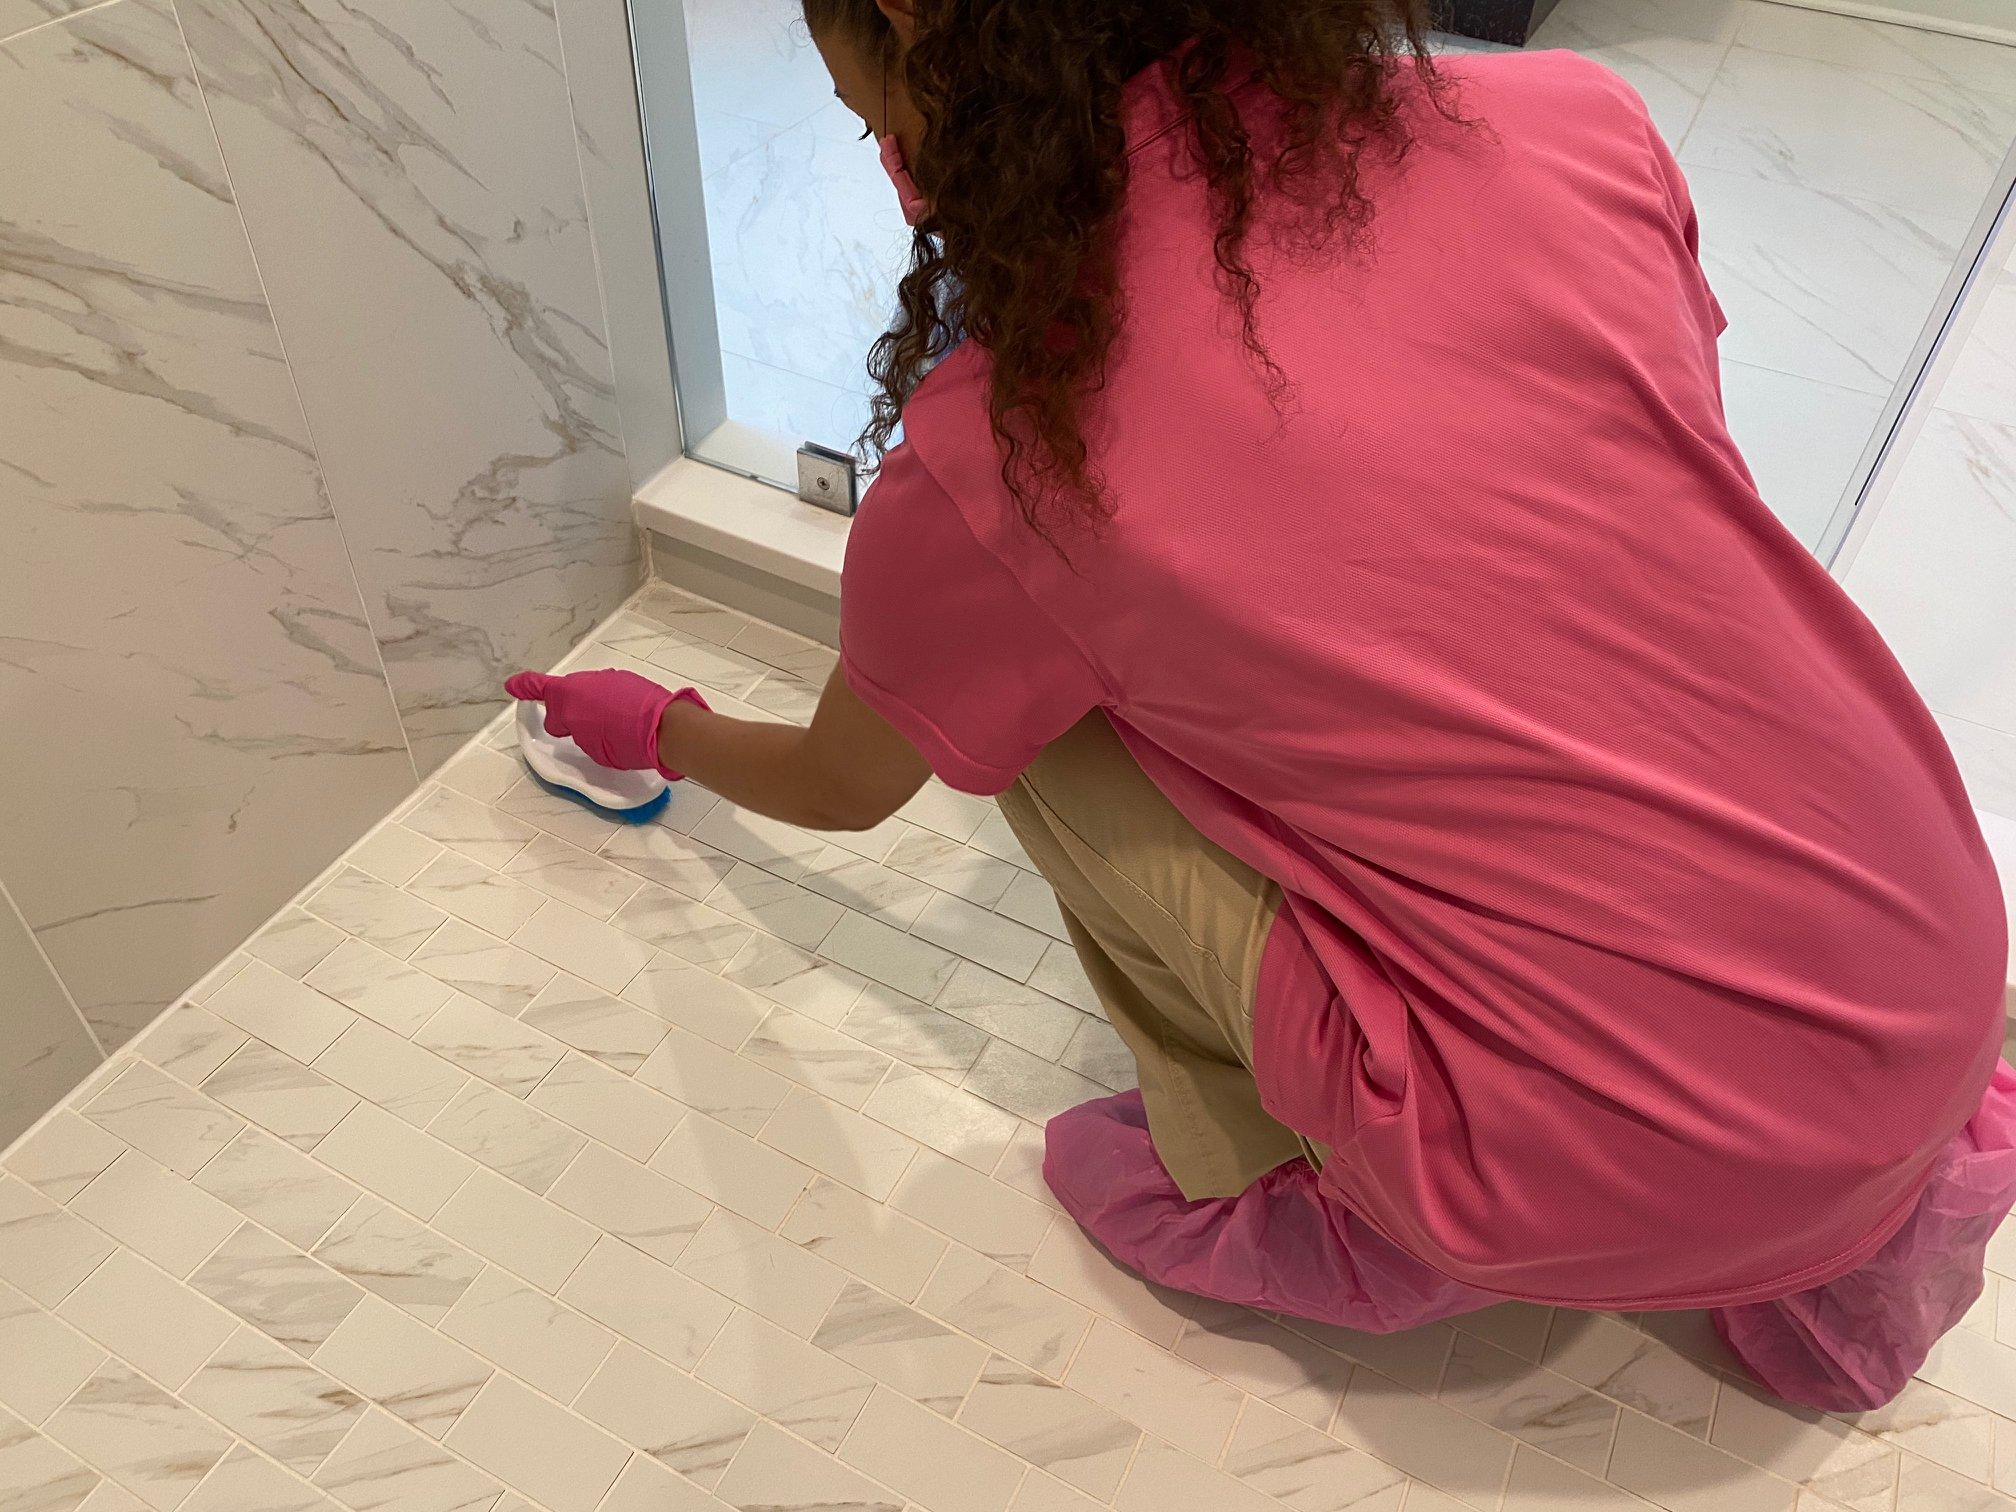 maid services in Alexandria VA